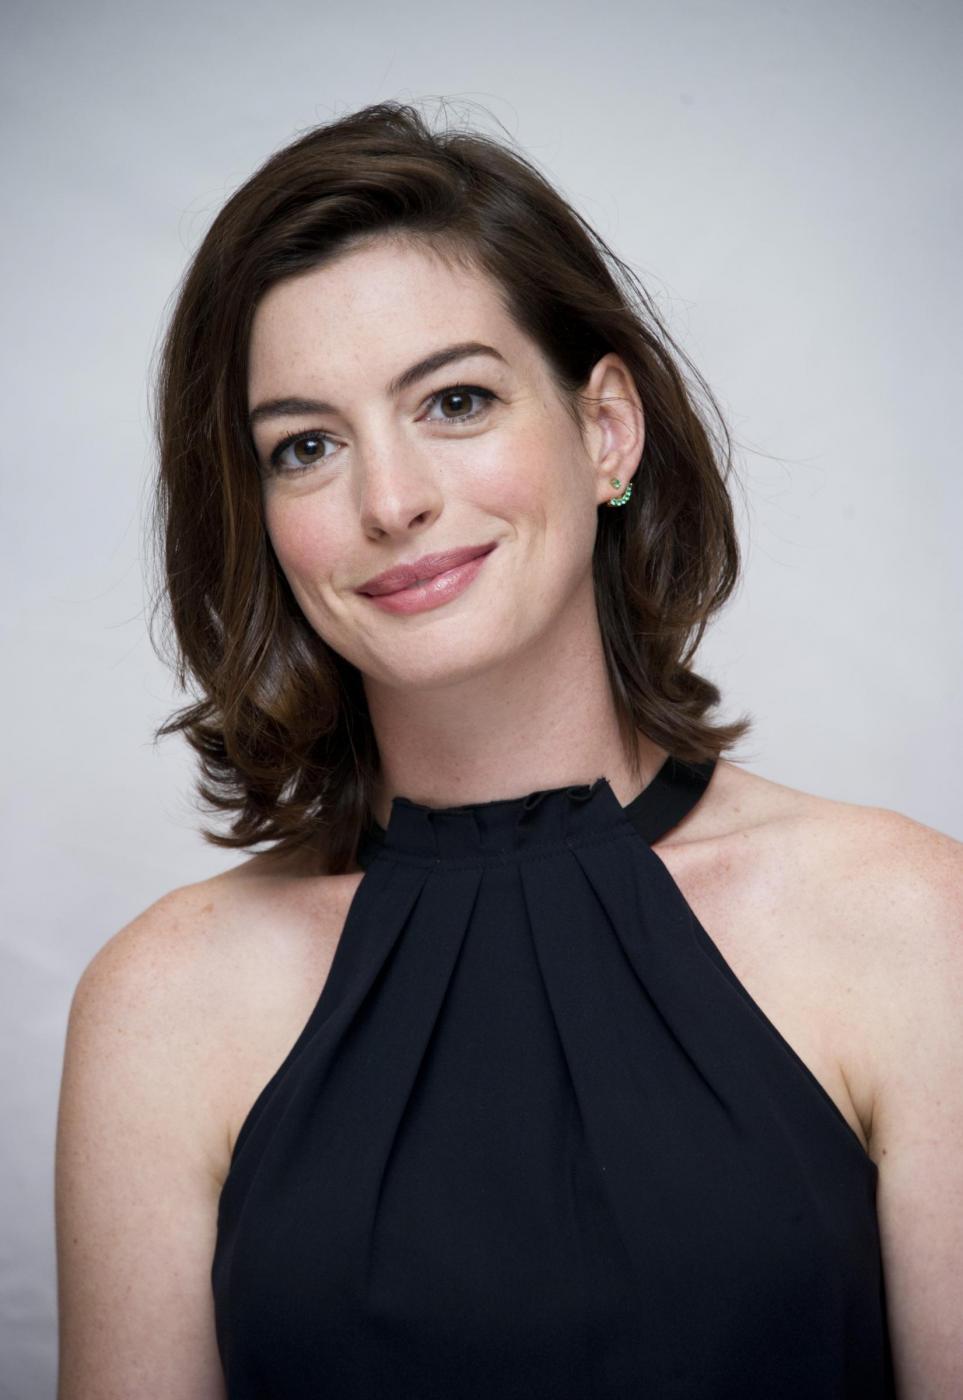 Anne Hathaway elegante per il photocall del film The intern FOTO 10